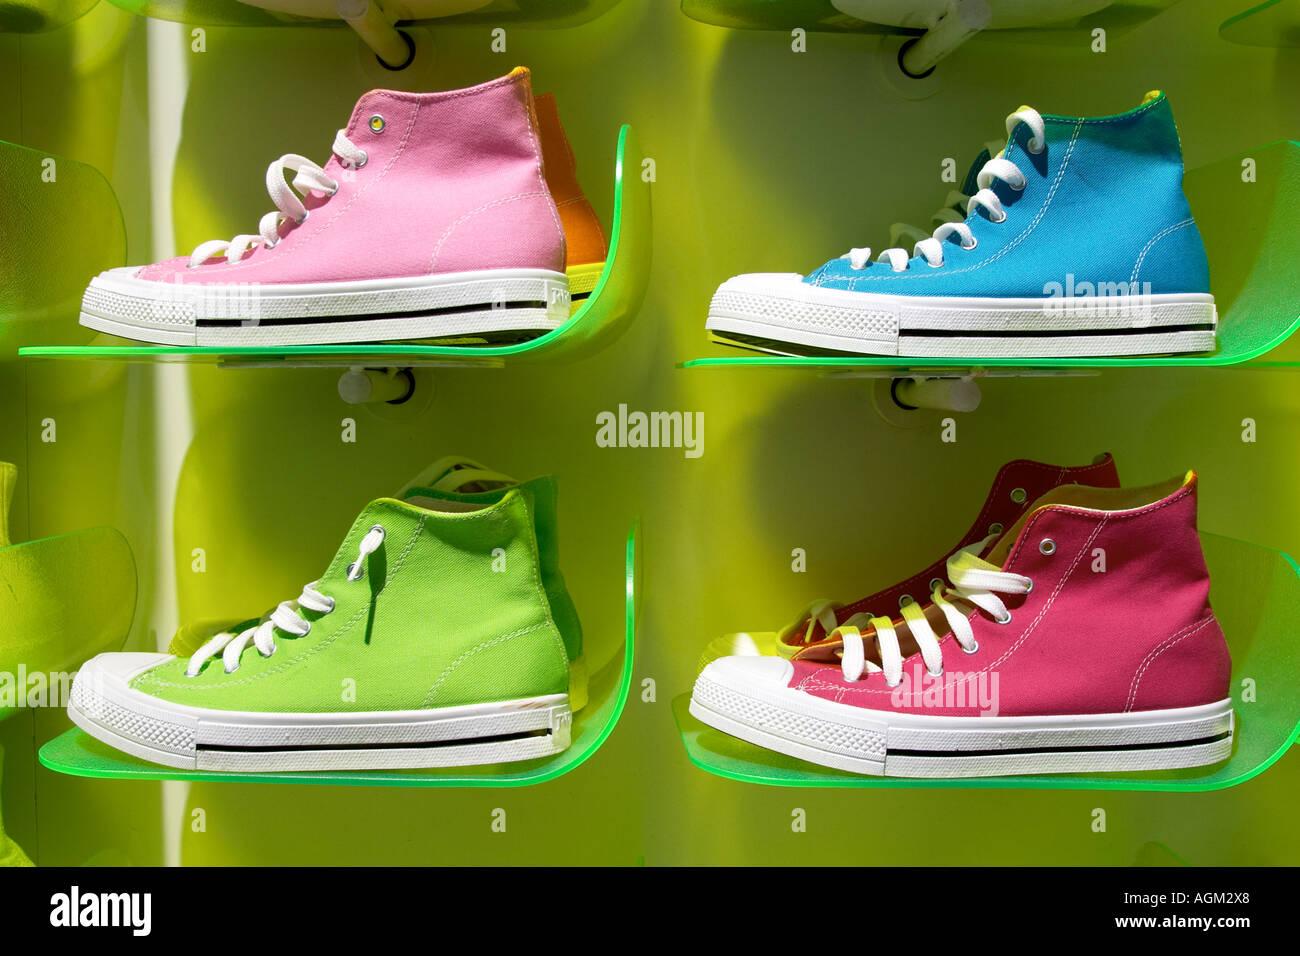 Converse Trainer und Vans Schuhe im Shop anzeigen Stockfoto